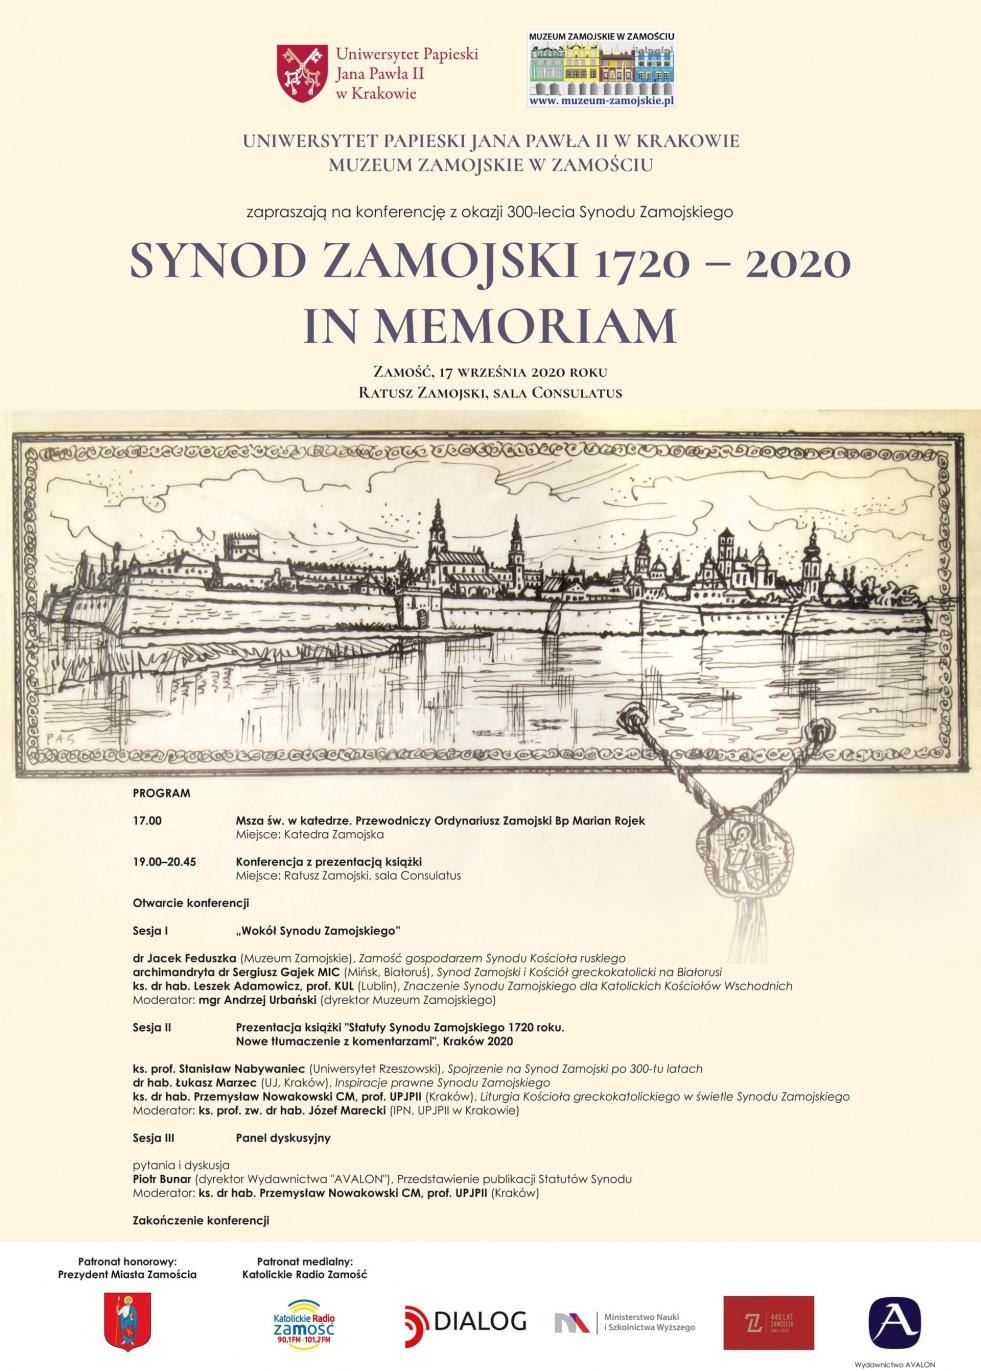 SYNOD ZAMOJSKI 1720 – 2020 IN MEMORIAM 17.09.2020 w Zamościu